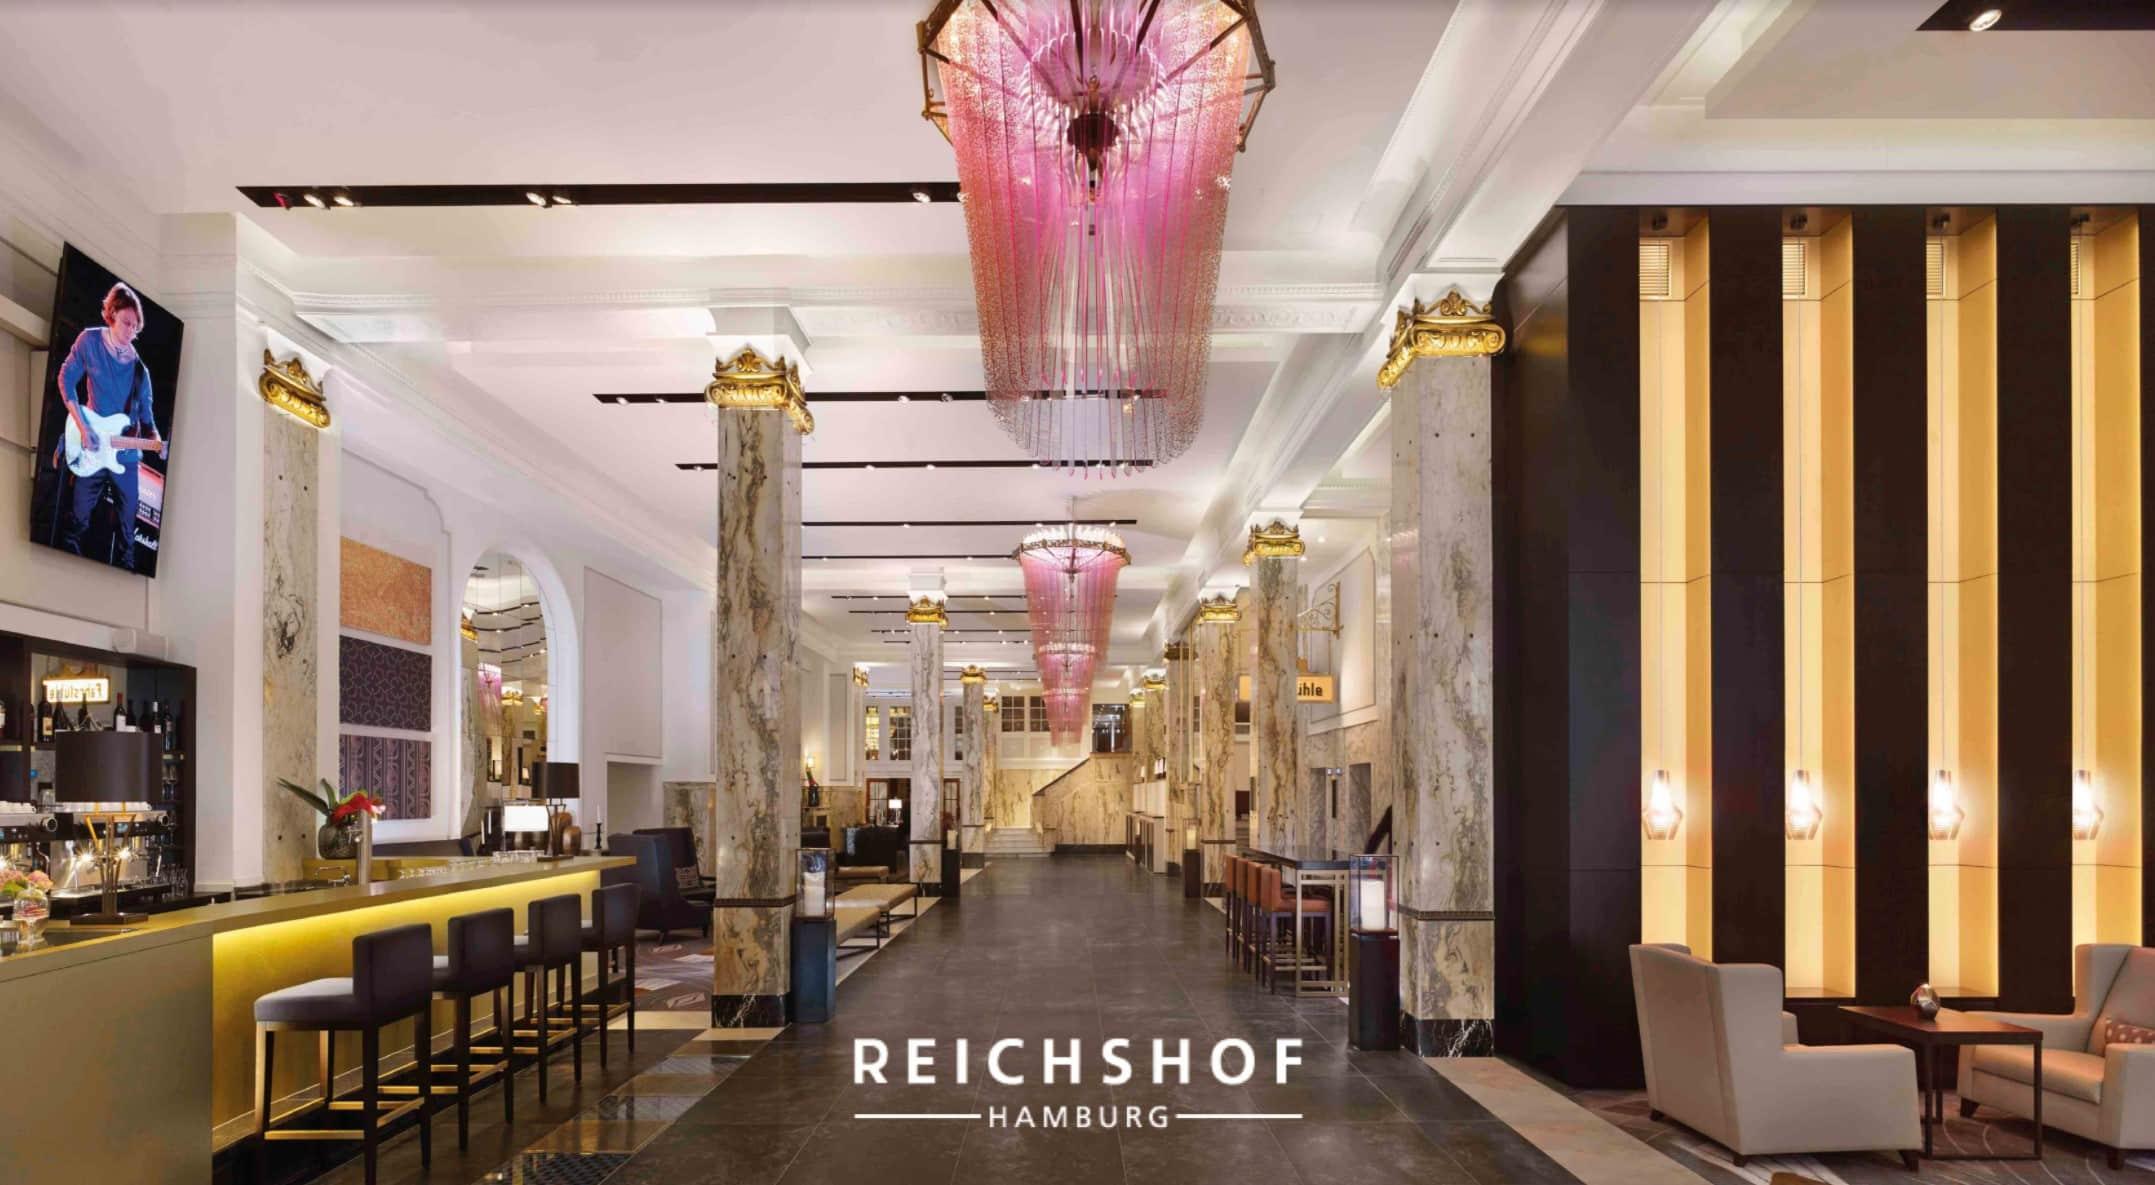 Im Zentrum der Stadt und parallel zum Hauptbahnhof strahlt eines der führenden Hamburger Hotels – der Reichshof Hamburg.